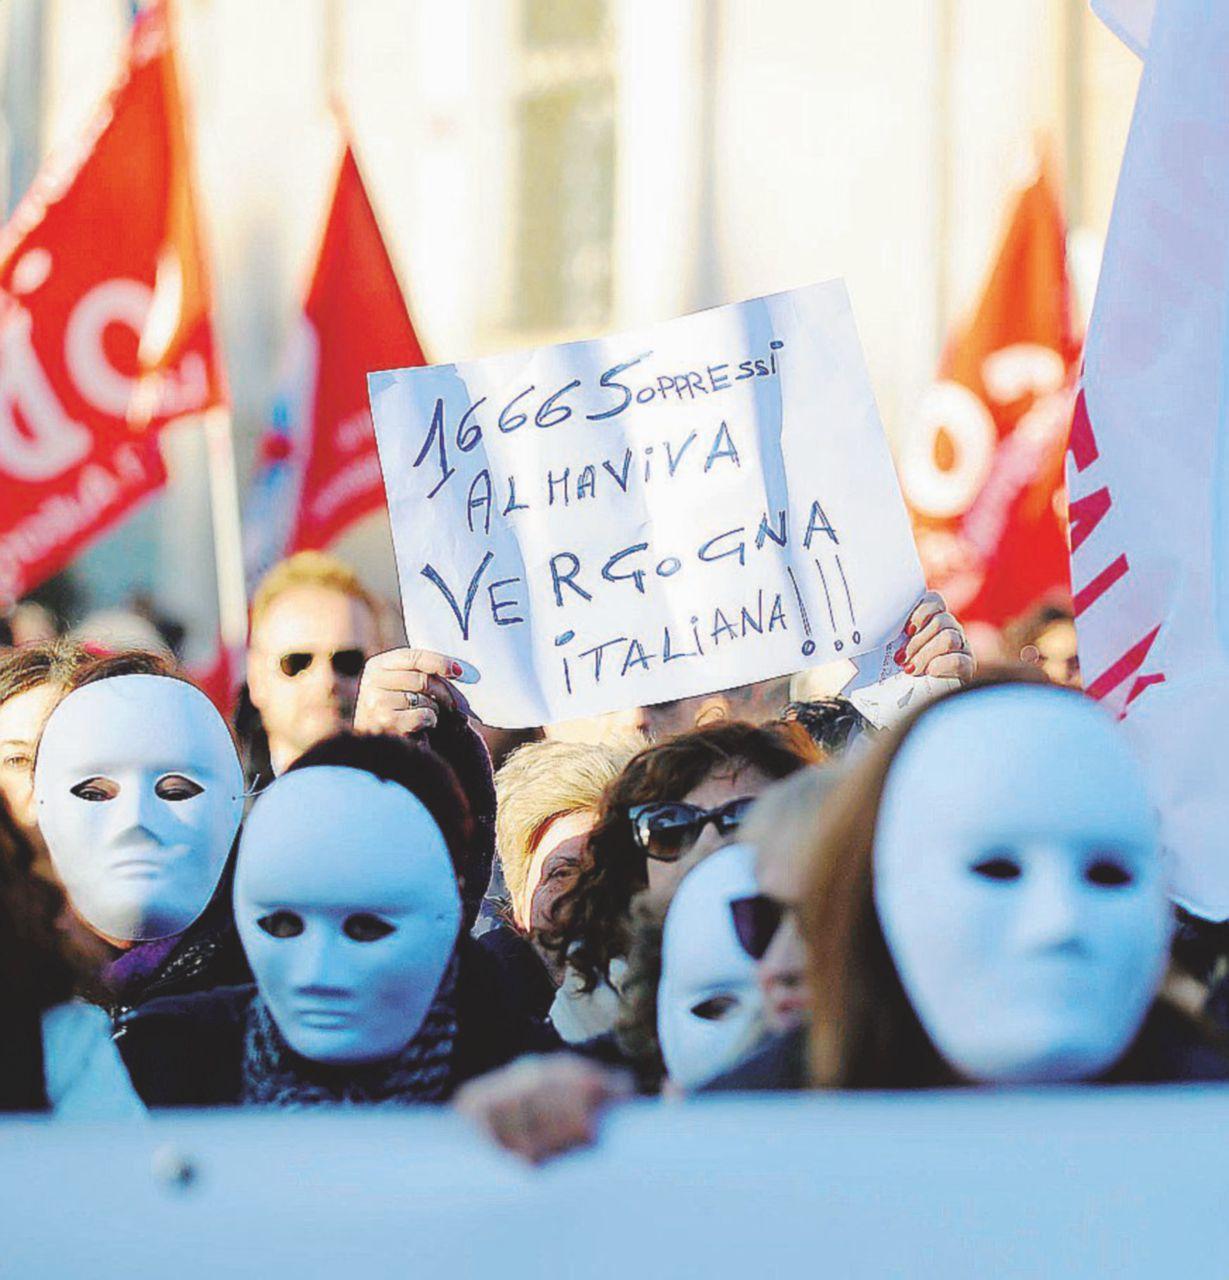 """Almaviva perde di nuovo: """"Deve riassumere a Roma"""""""